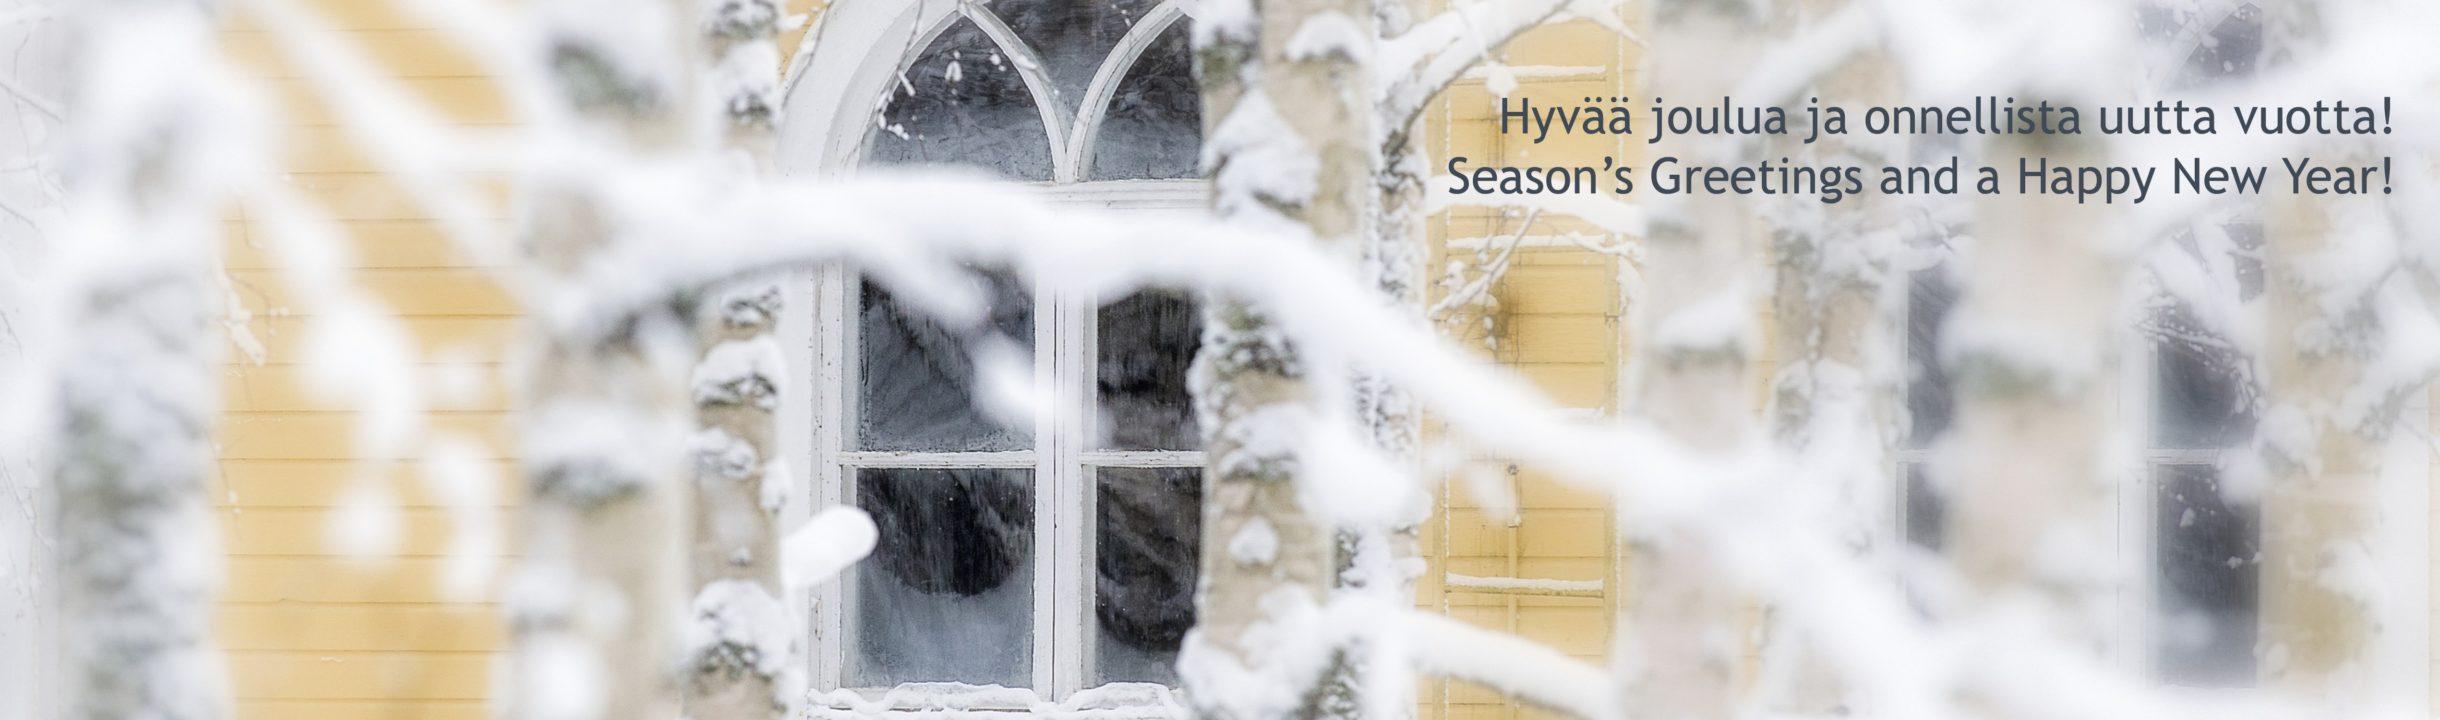 Seasons greetings and a happy new year papula nevinpat seasons greetings and a happy new year kristyandbryce Choice Image